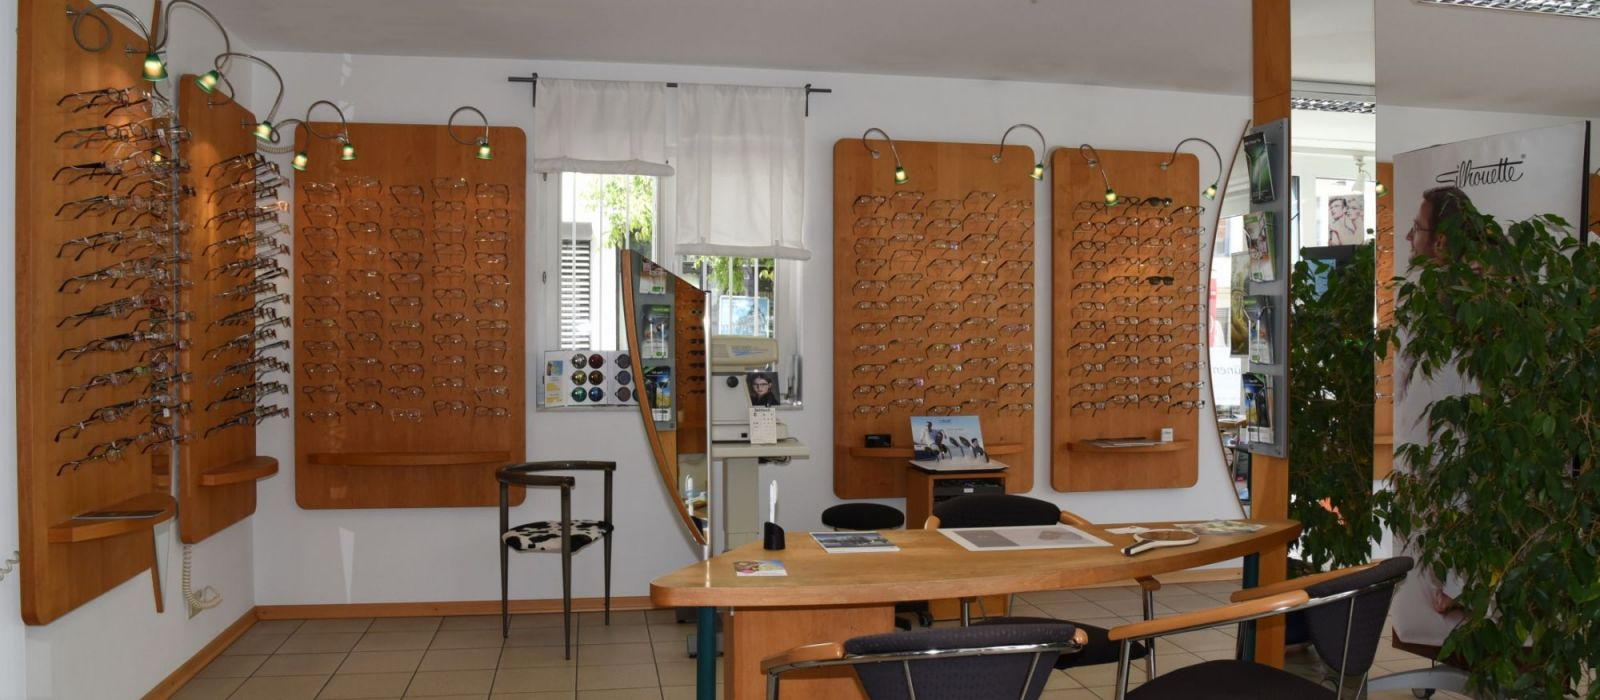 241058200f63 Startseite - Ihr Optiker in Eschborn